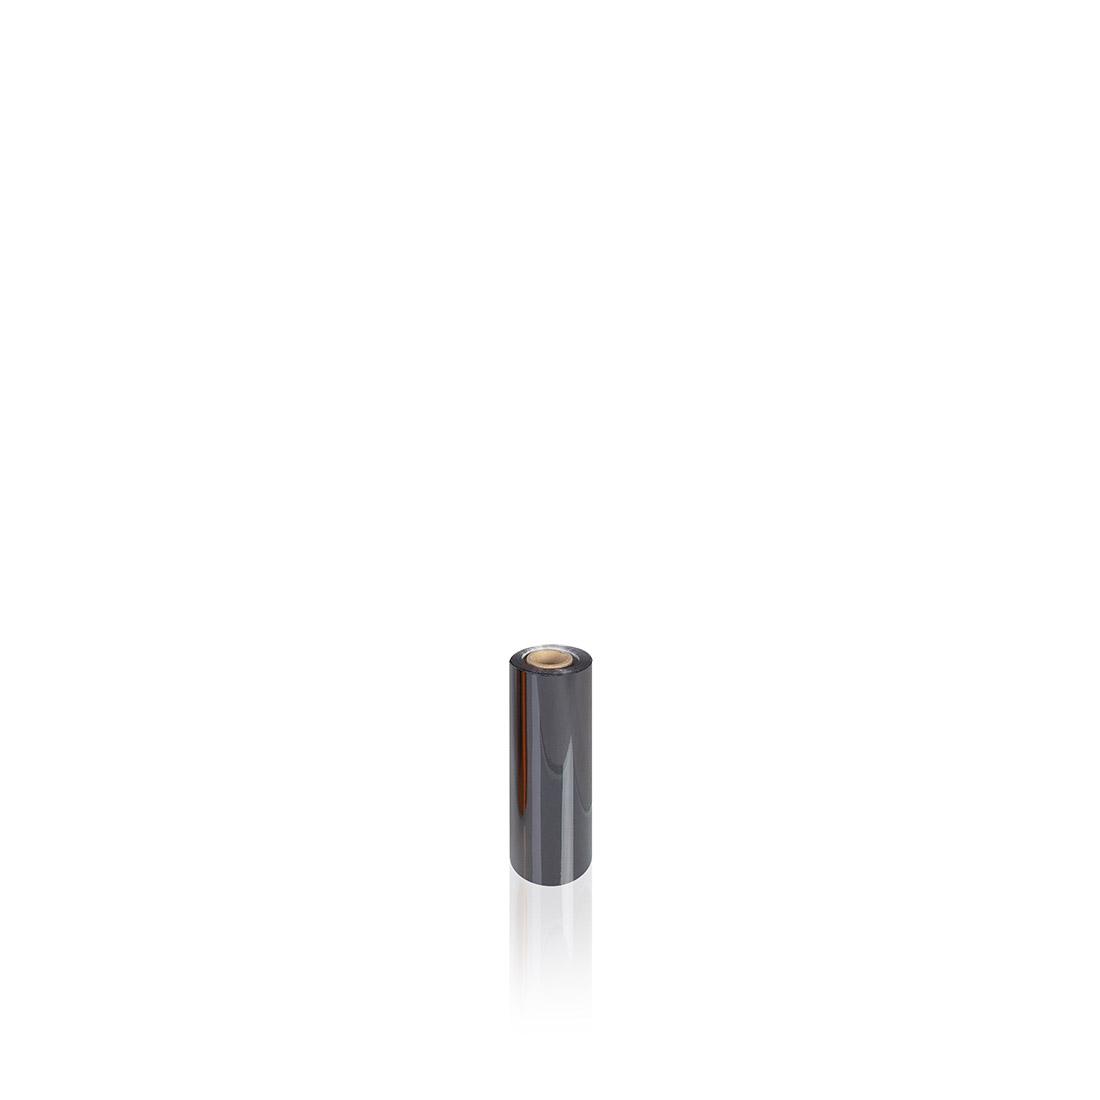 Uniwersalna folia do złoceń, nabłyszczeń w rolce - O.FOIL NEW UNIVERSAL - 16 cm x 120 m - czarny